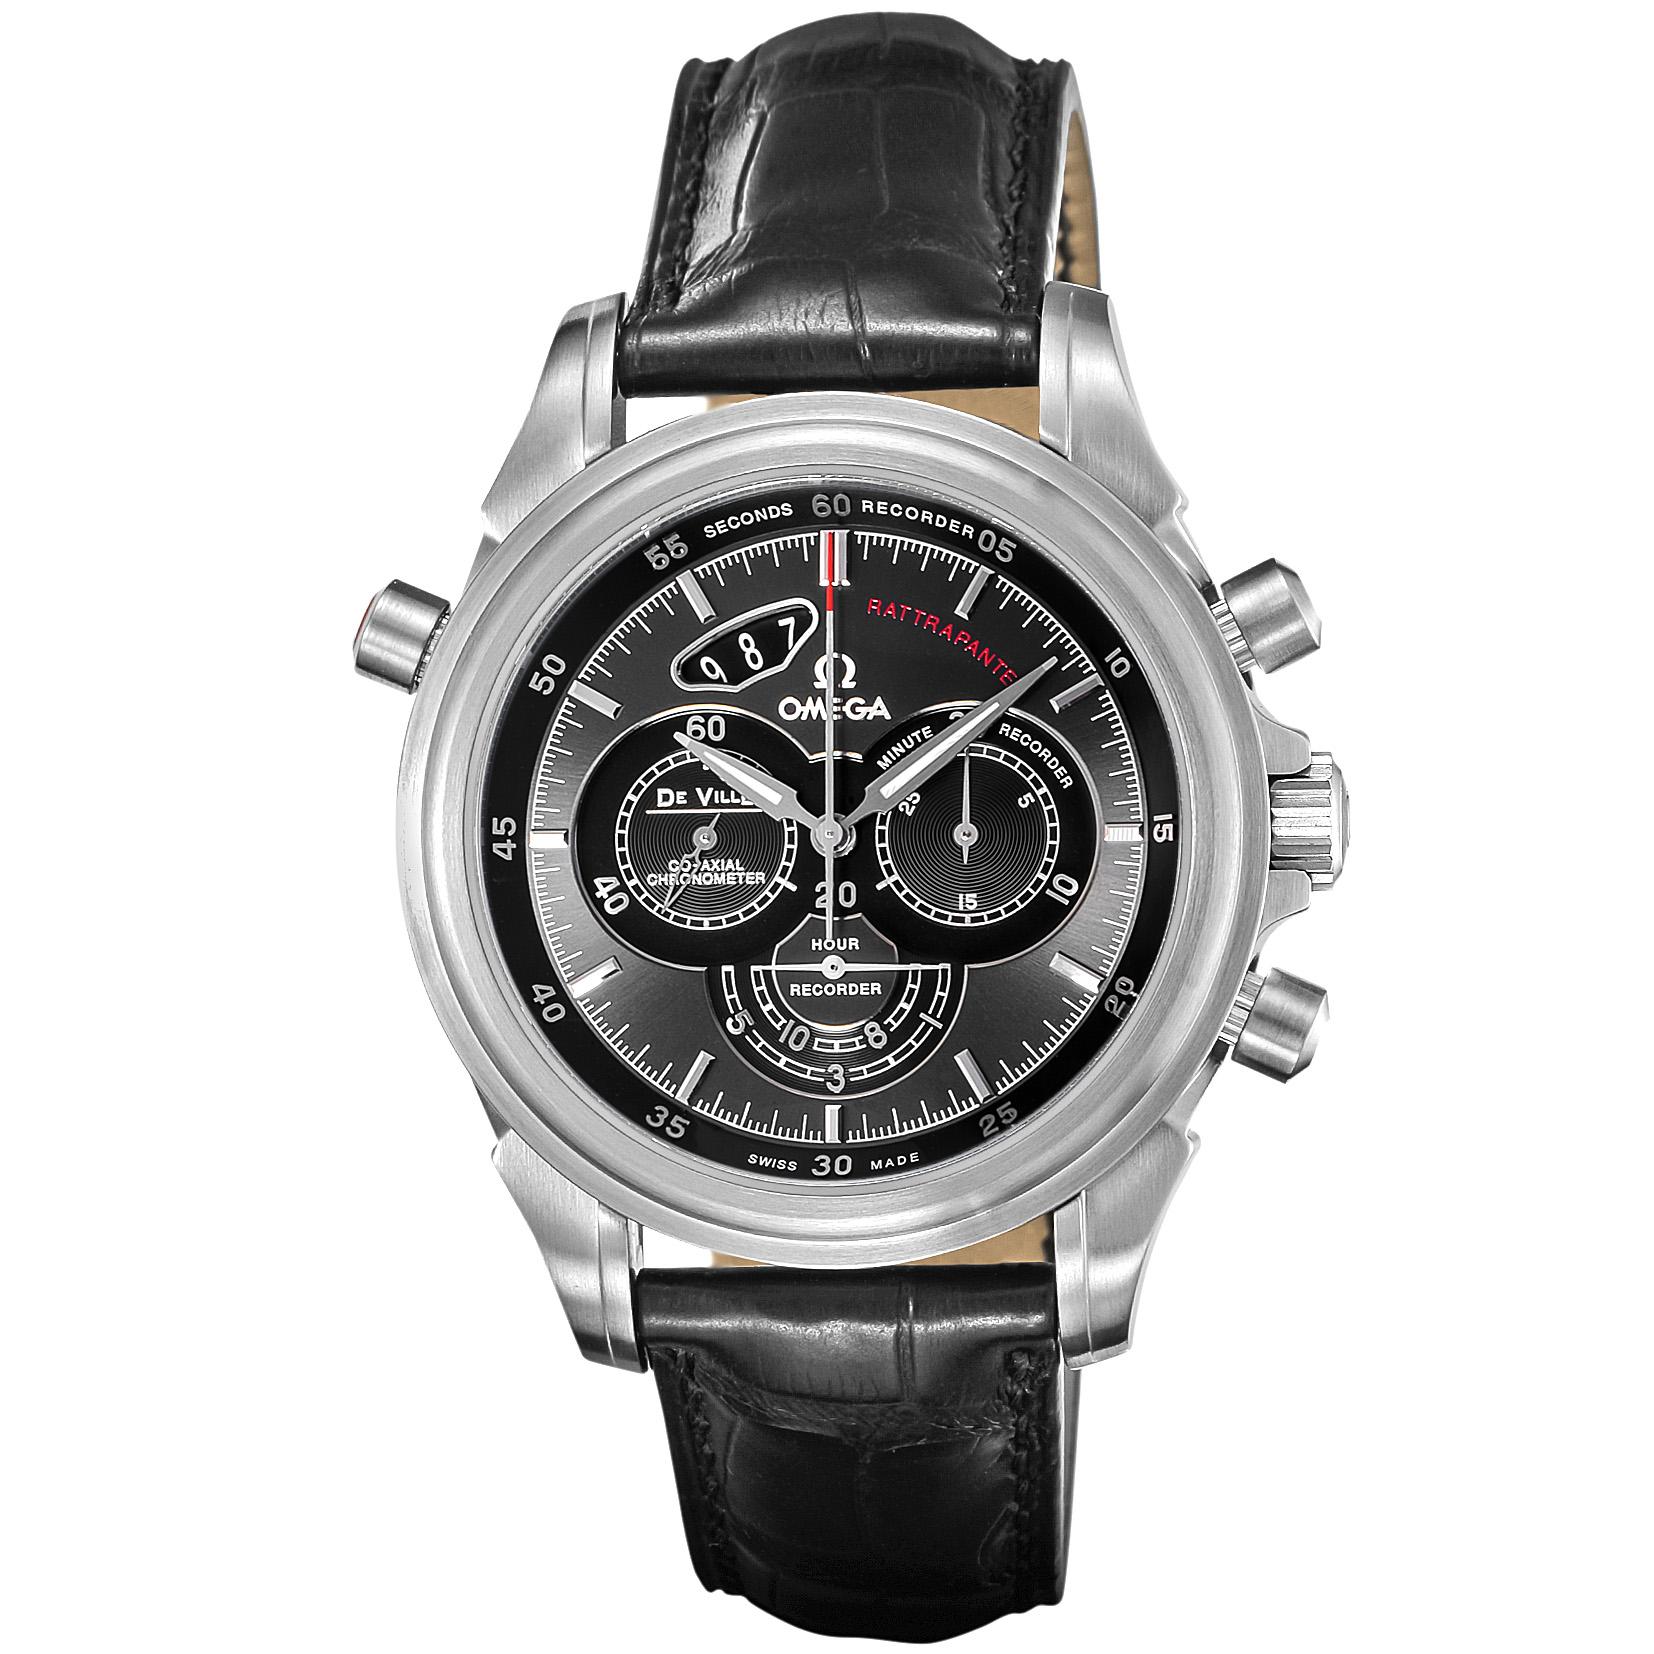 OMEGA(オメガ) ■腕時計 デ・ビル メンズ グレー 422.13.44.51.06.001